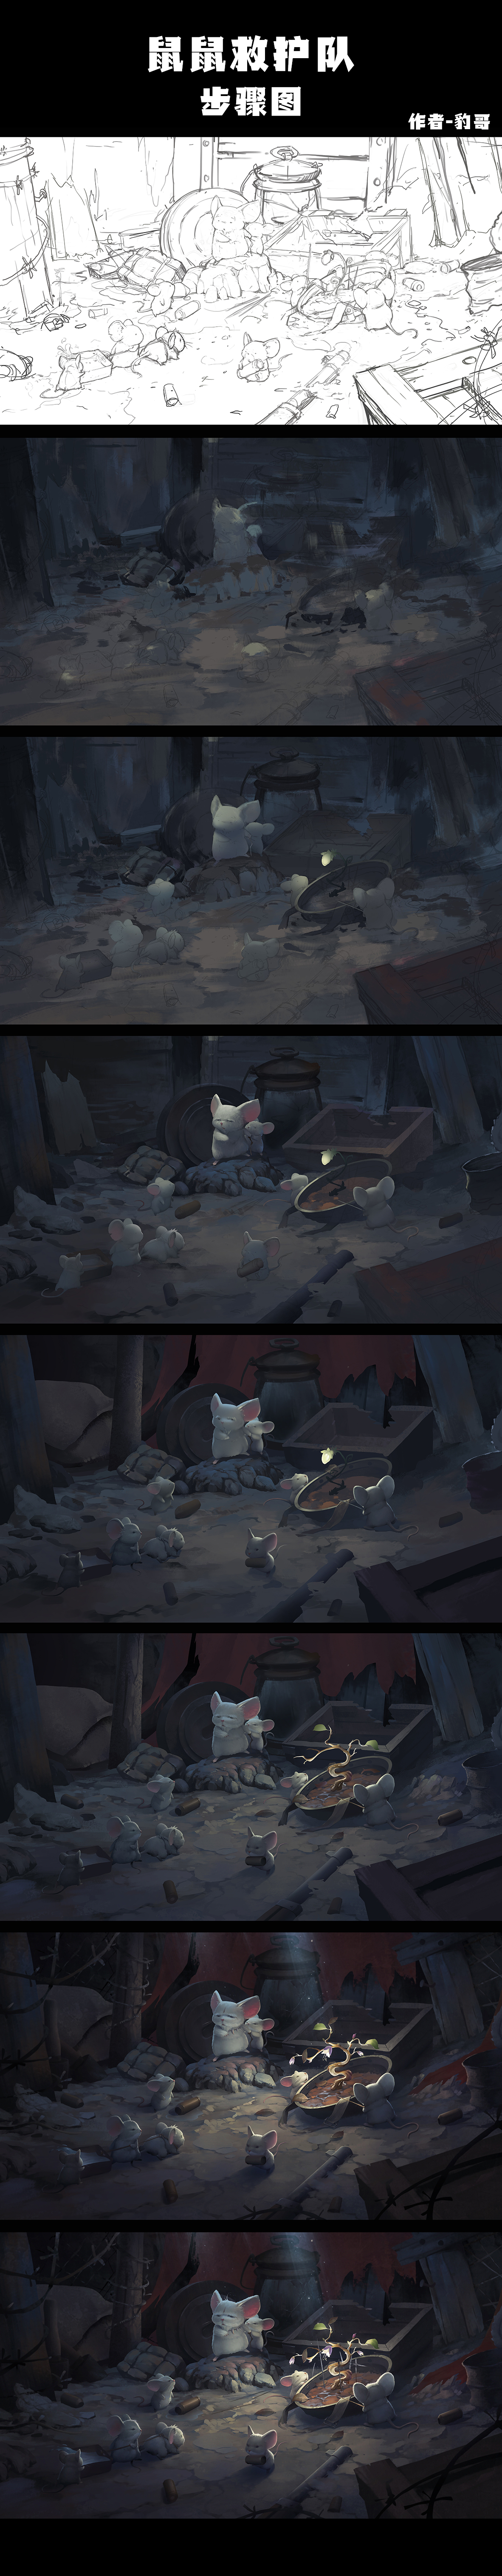 鼠鼠救护队